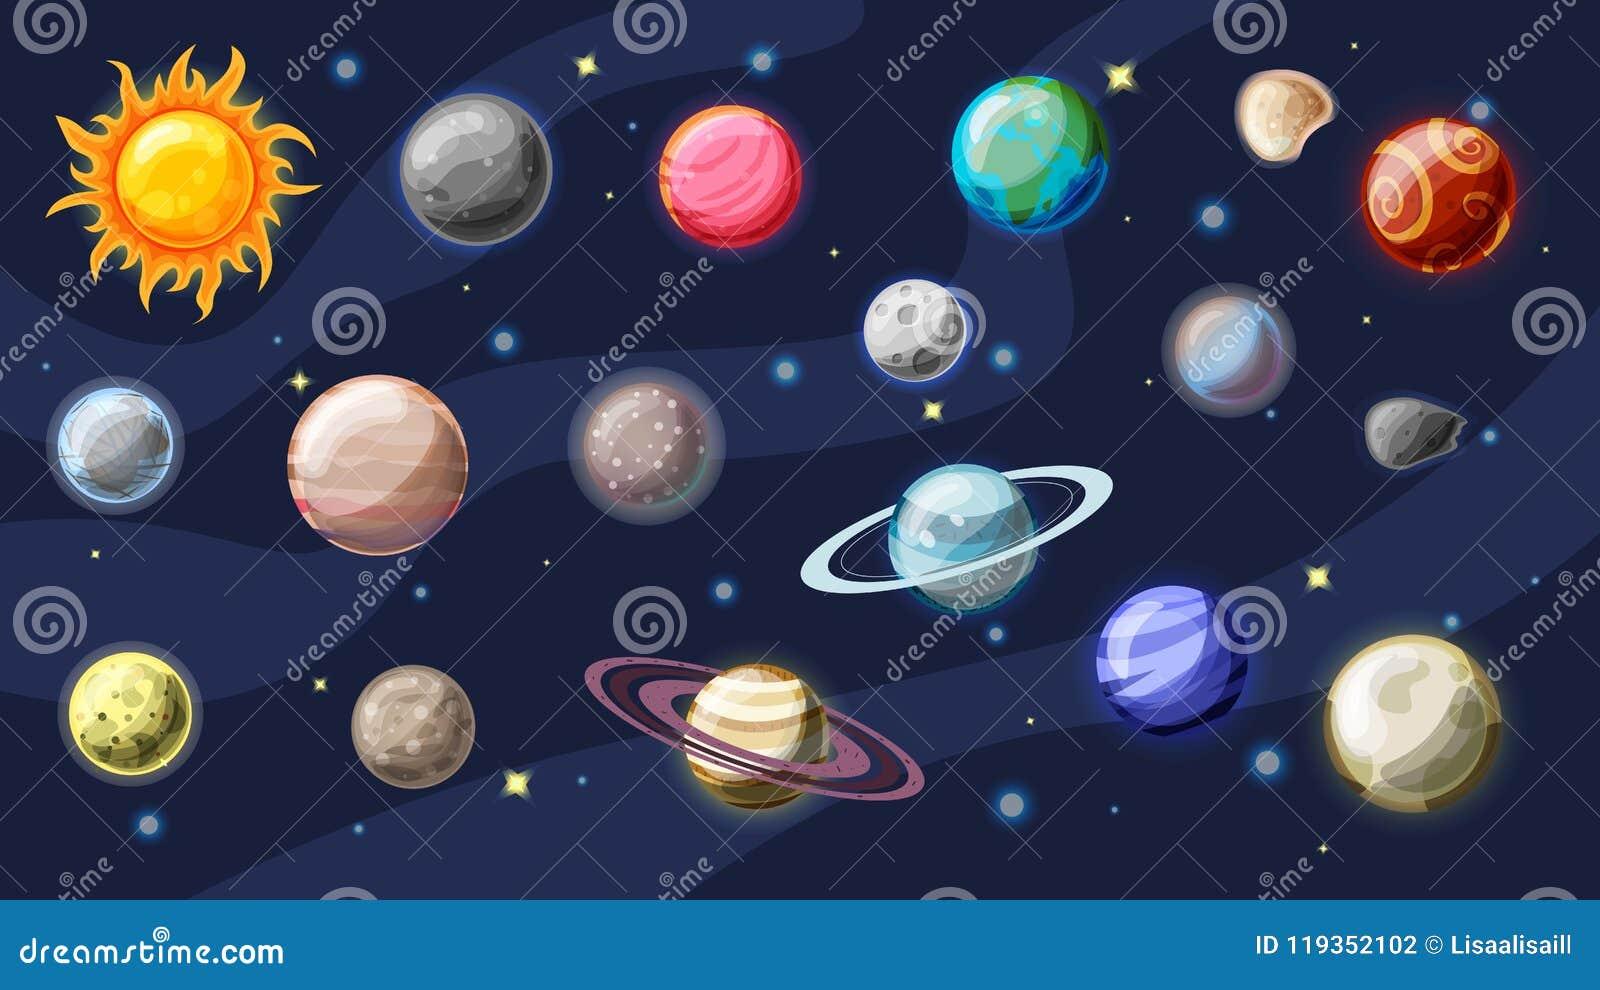 Inzameling van het zonnestelsel de vectorbeeldverhaal Planeten, manen van Aarde, Jupiter en andere planeet van Zonnestelsel, met